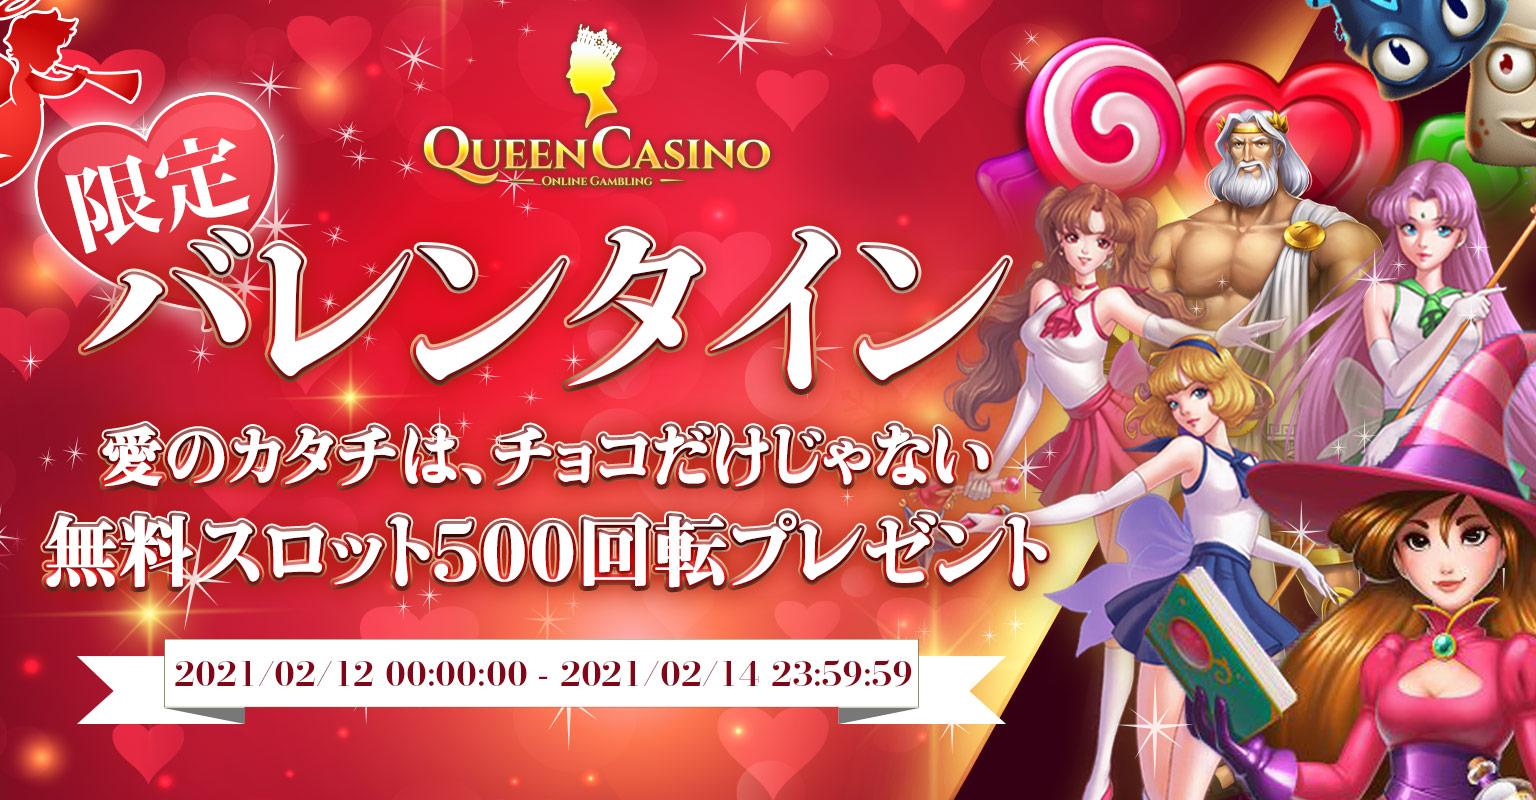 【バレンタイン限定】無料スロット500回転プレゼント